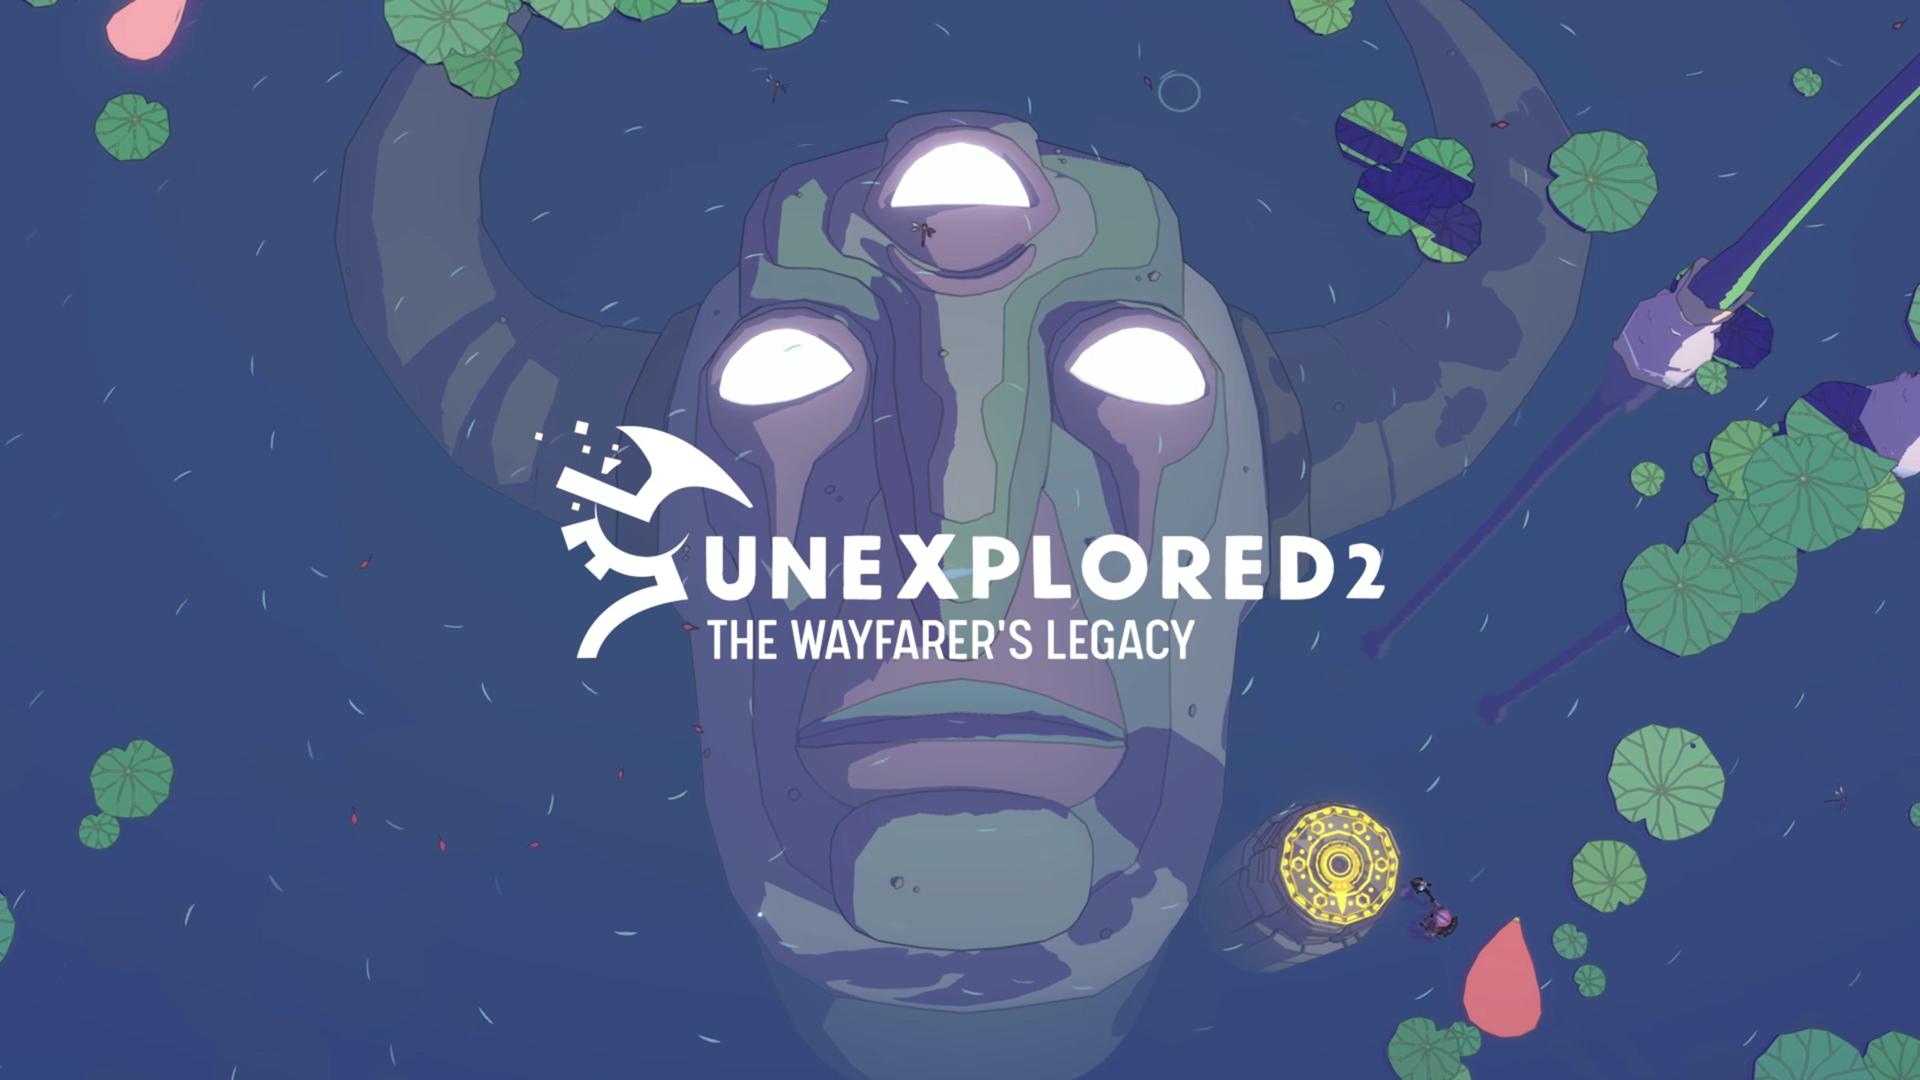 Unexplored 2